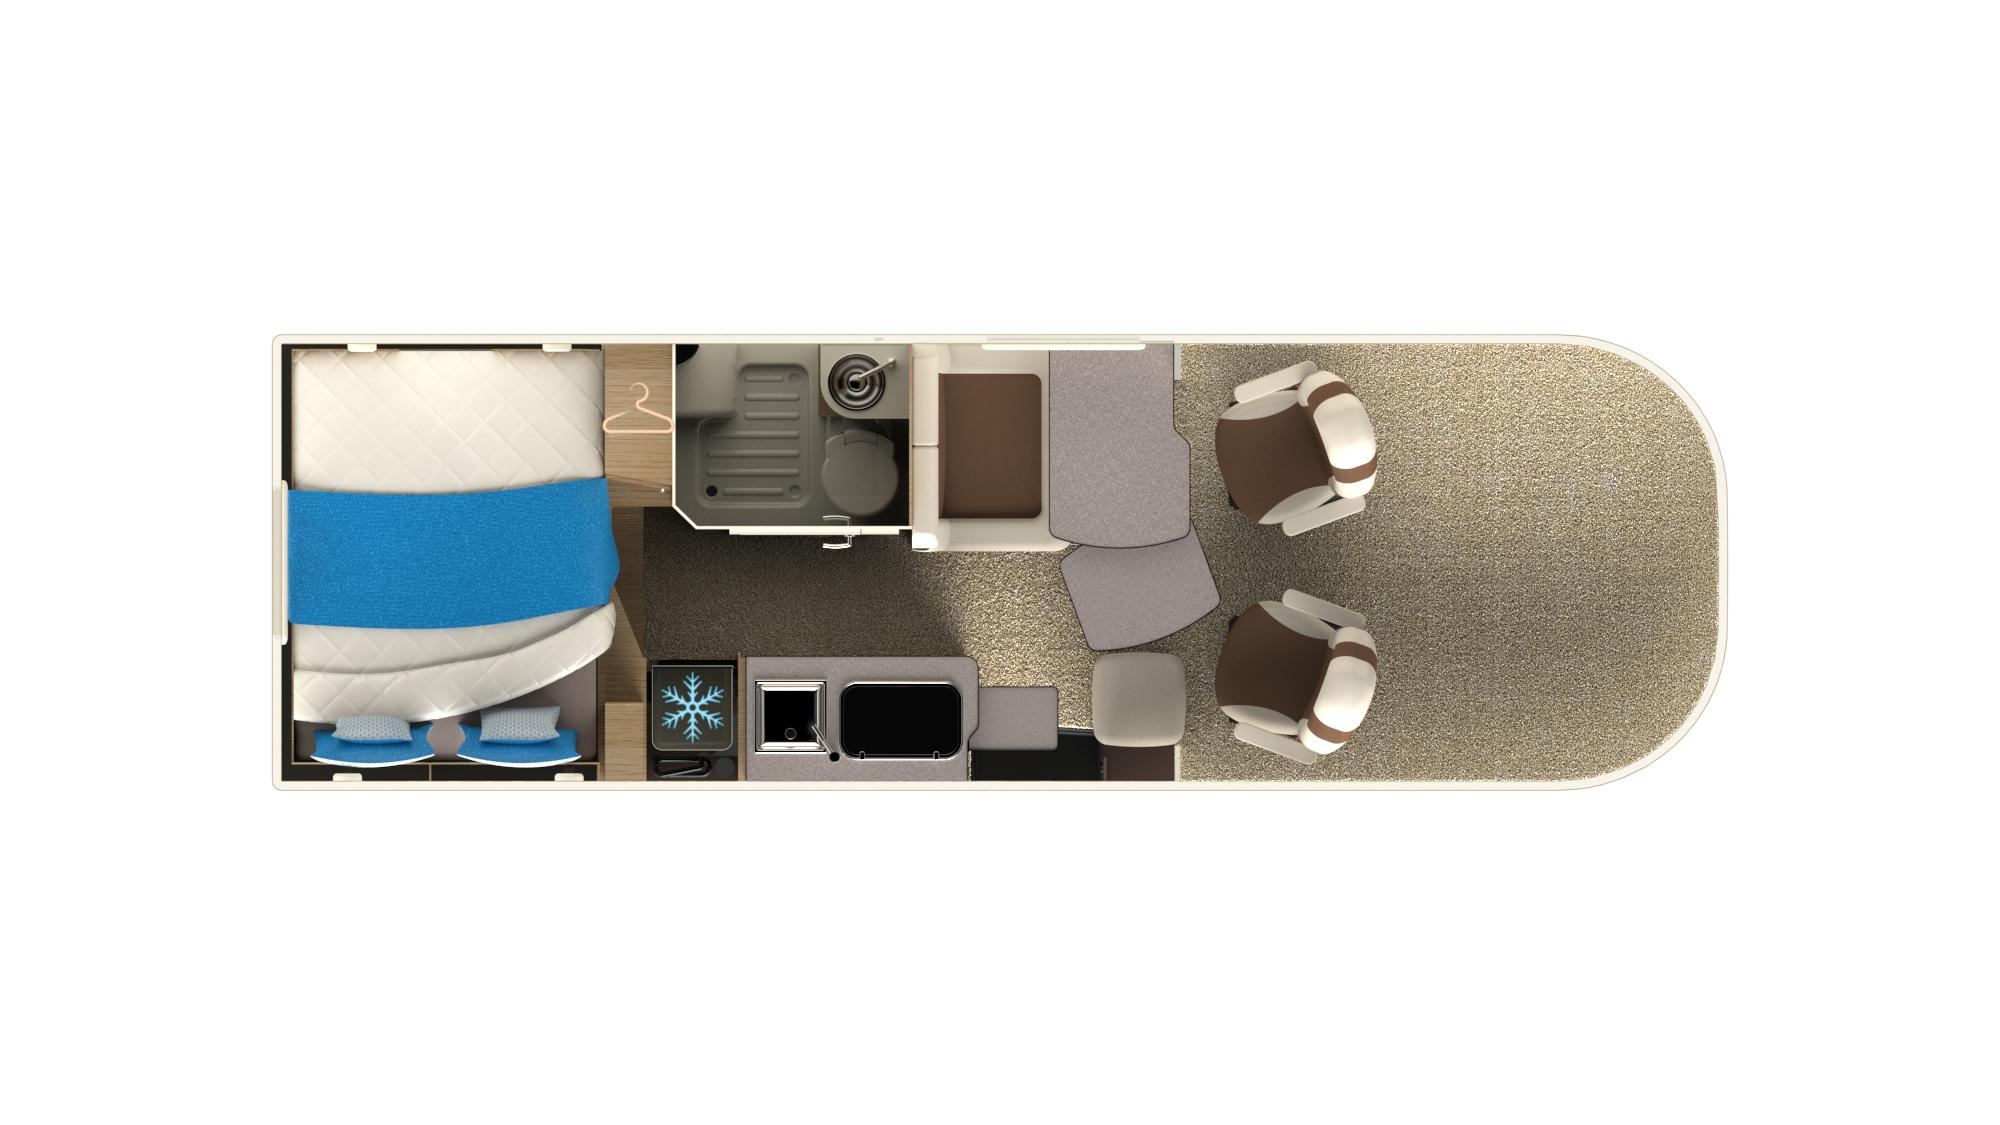 Camping-car profilé P650LT